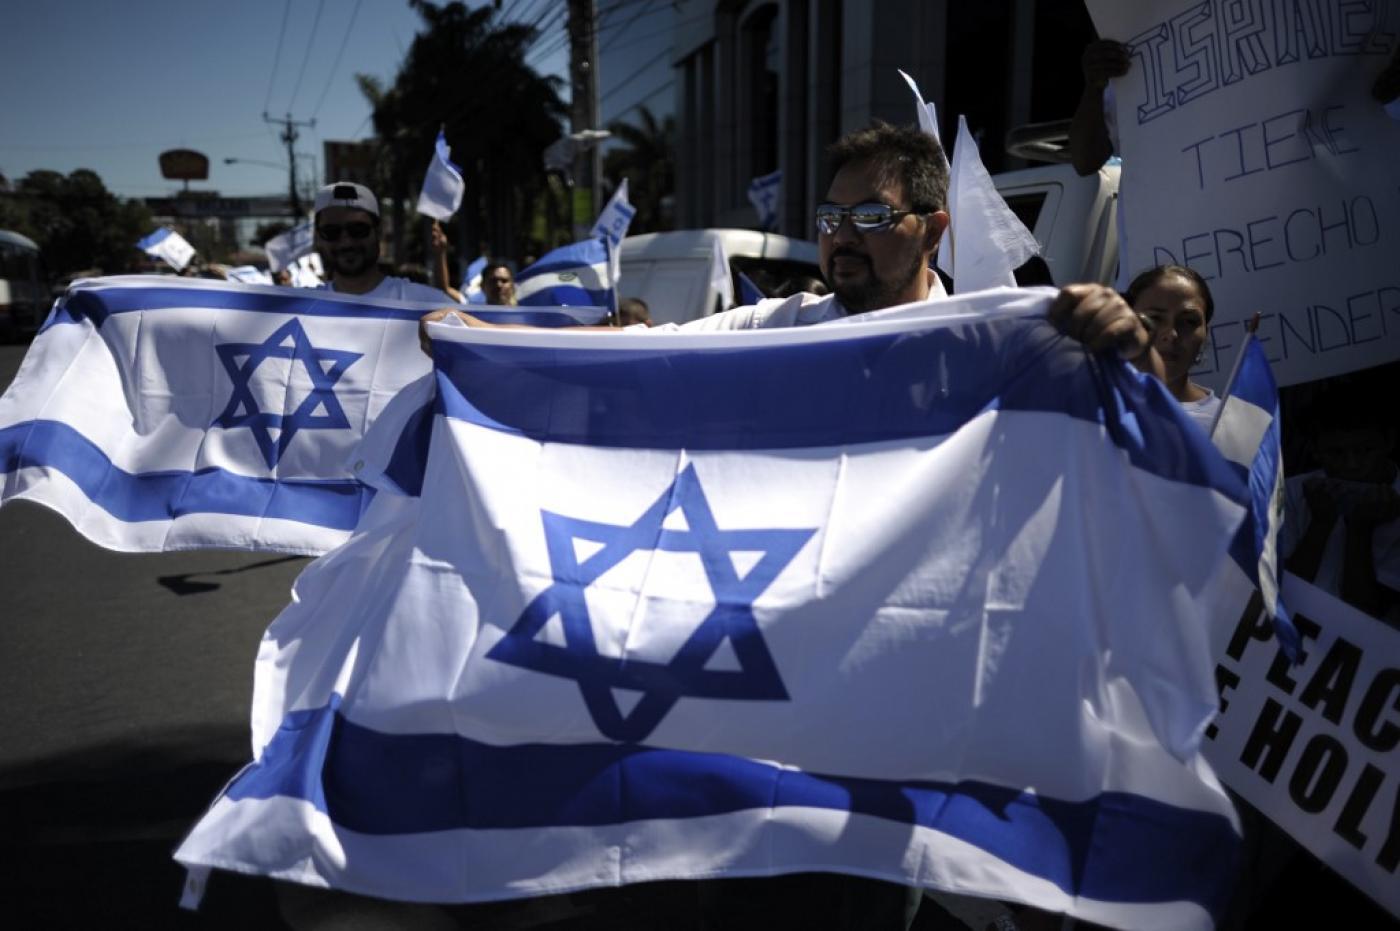 Israele ed El Salvador: l'amore al tempo del genocidio